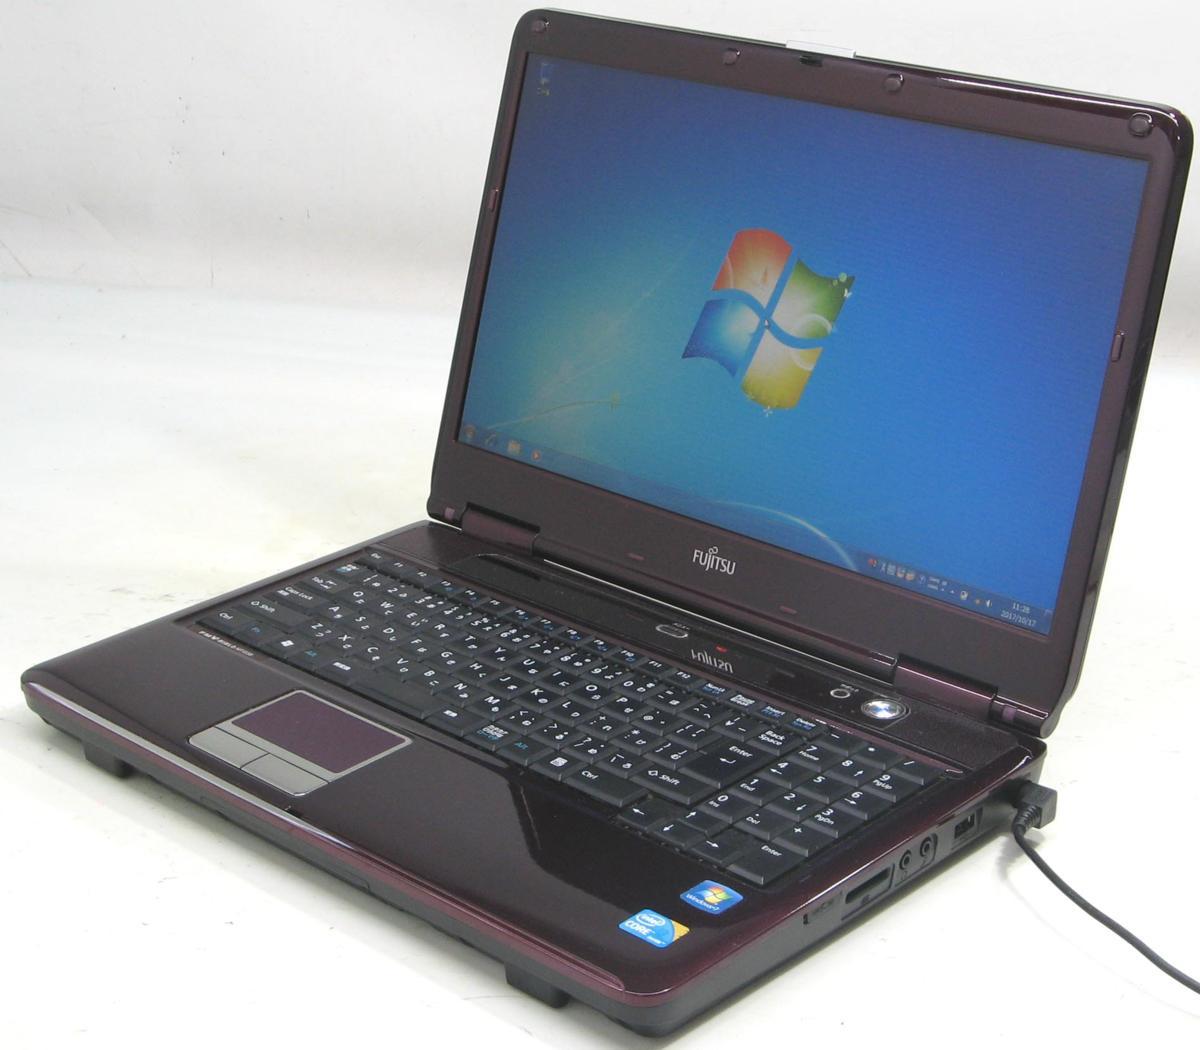 中古ノートパソコン 富士通 FMV-Biblo NF/G50 FMVNFG50C(富士通 Windows7 Corei3 HDMI出力端子)【中古】【中古パソコン/中古PC】